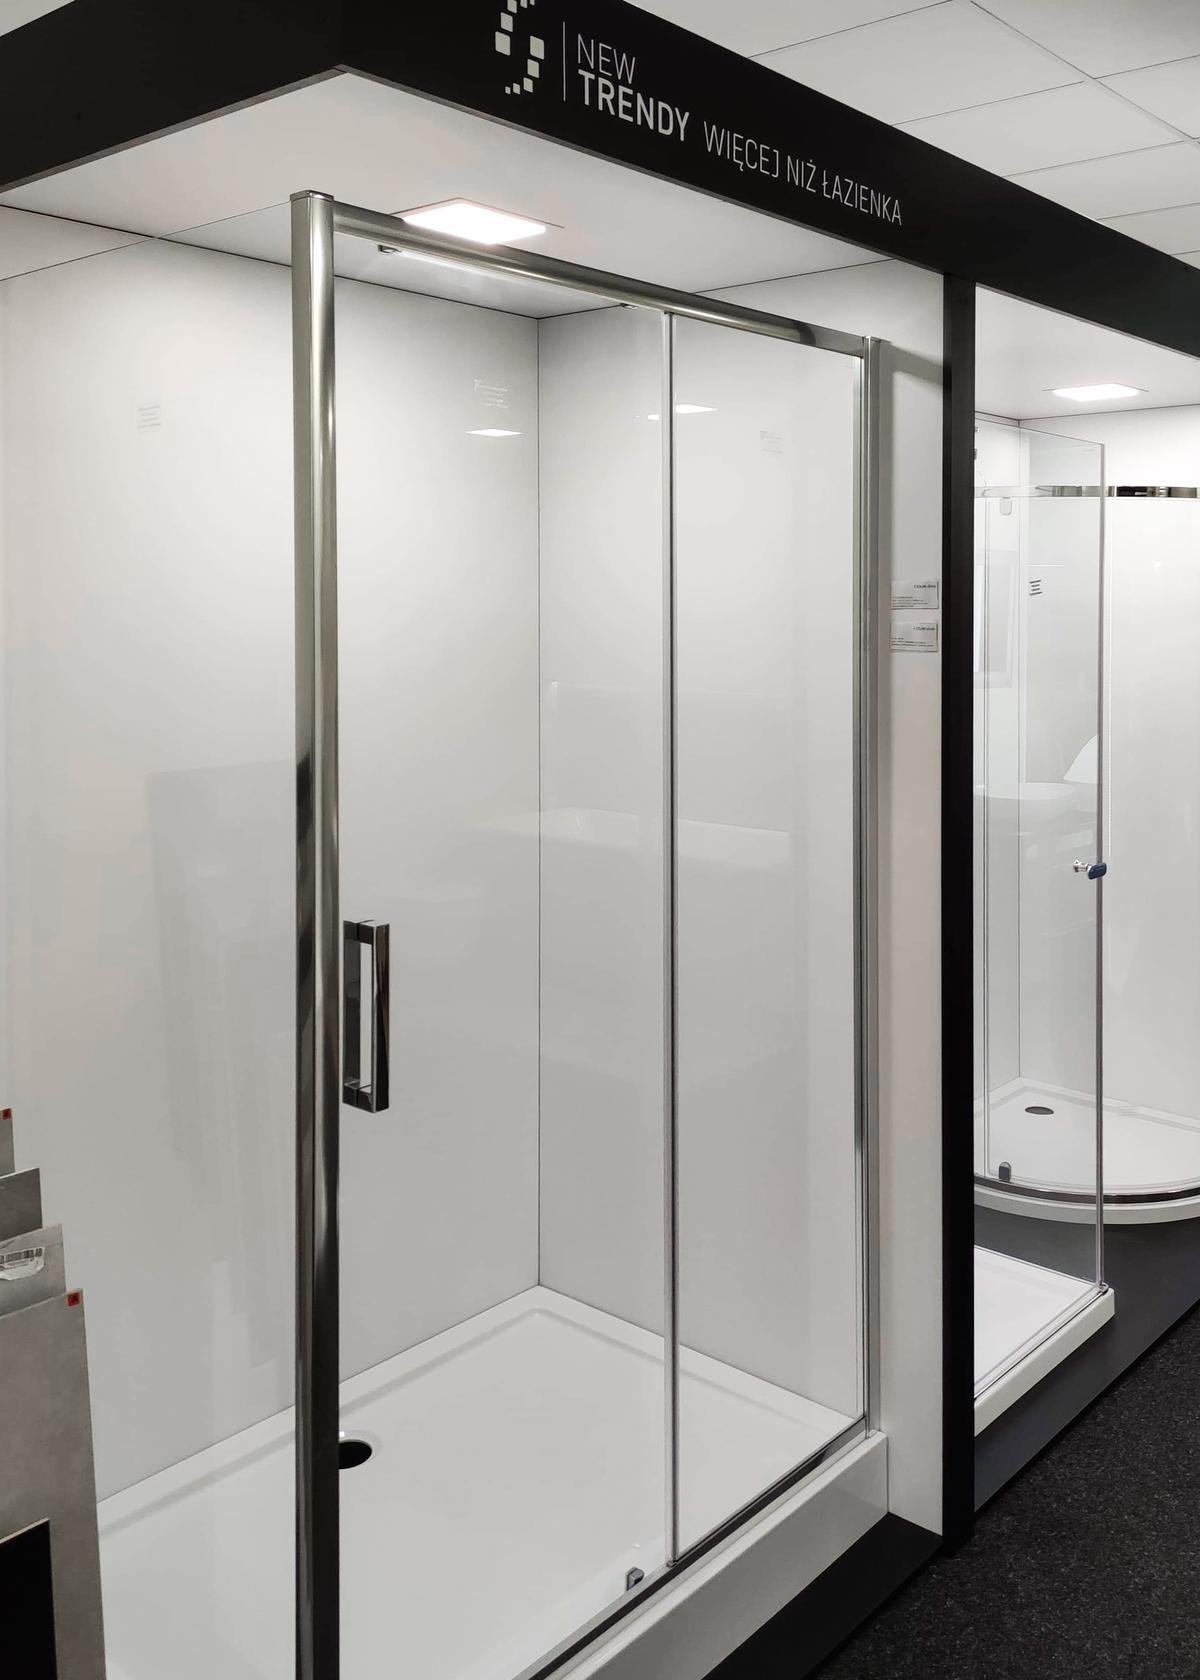 Kabiny prysznicowe New Trendy w BLU Września - zdjęcie od BLU salon łazienek Września